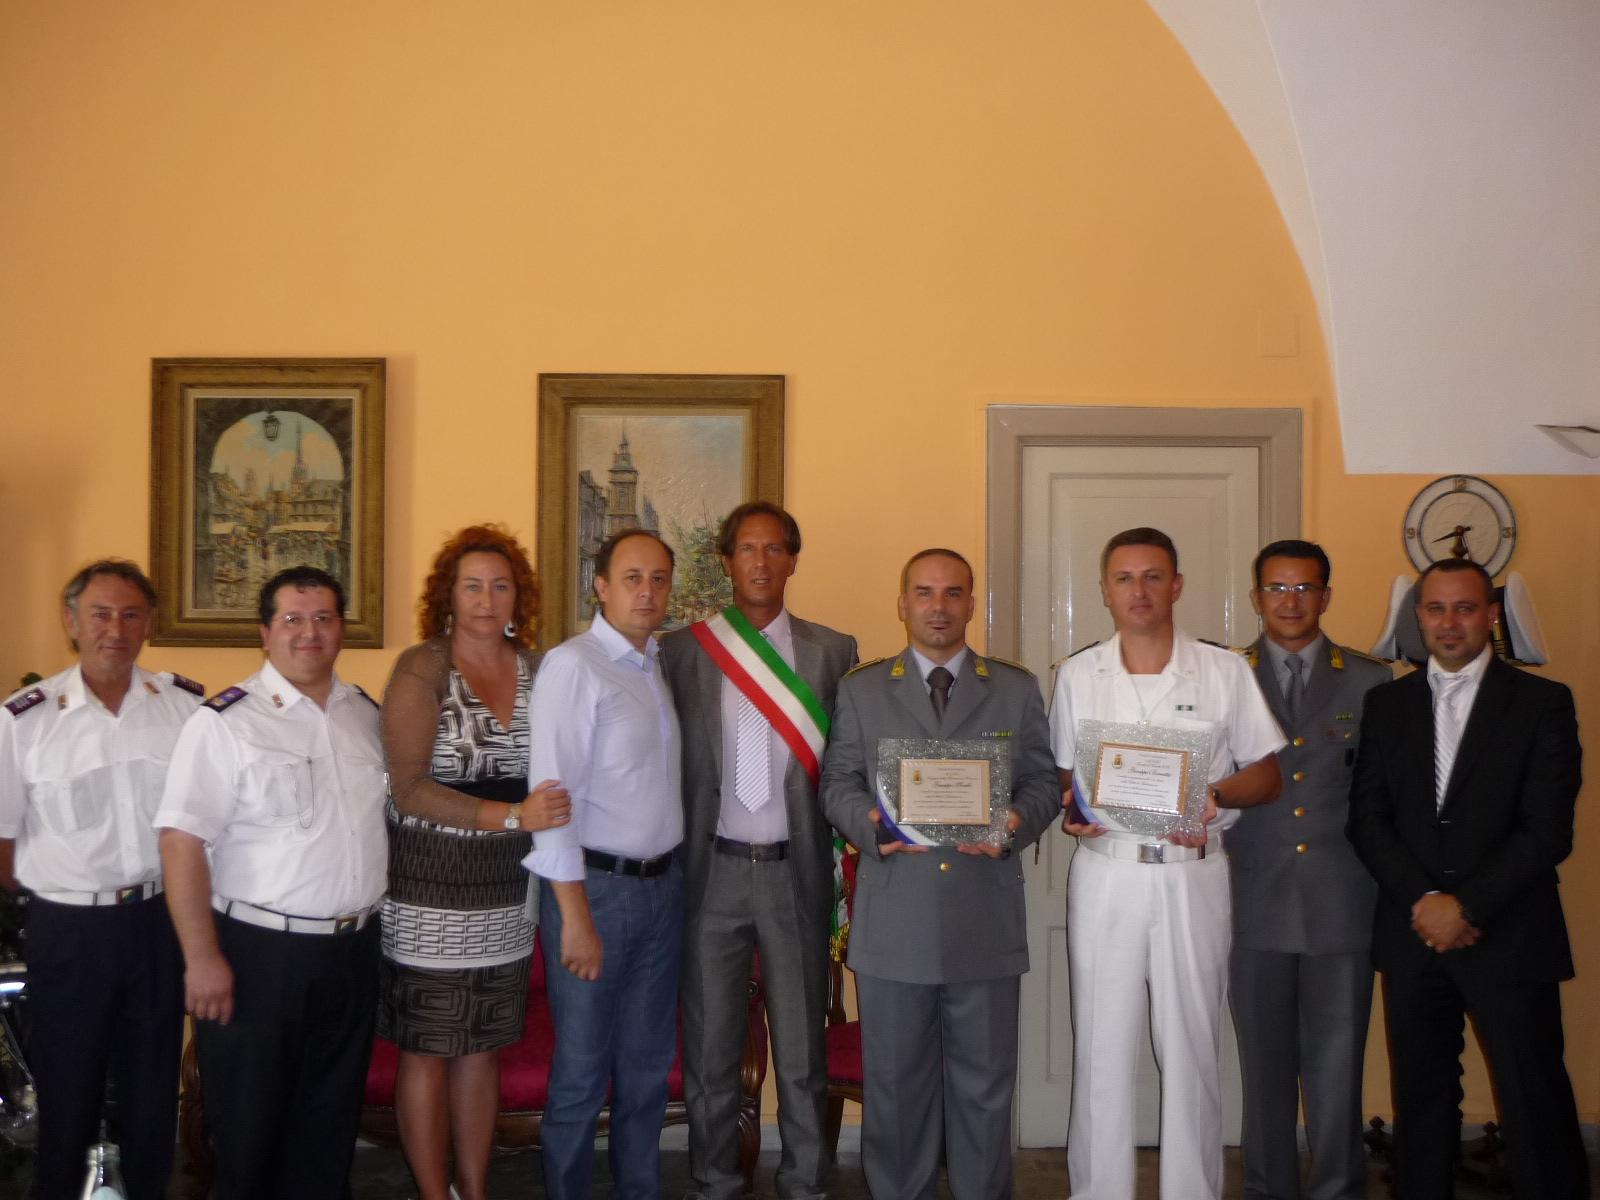 Giulianova (TE). I Comandanti: Micelli della Finanza e Barretta della Marina, lasciano Giulianova.